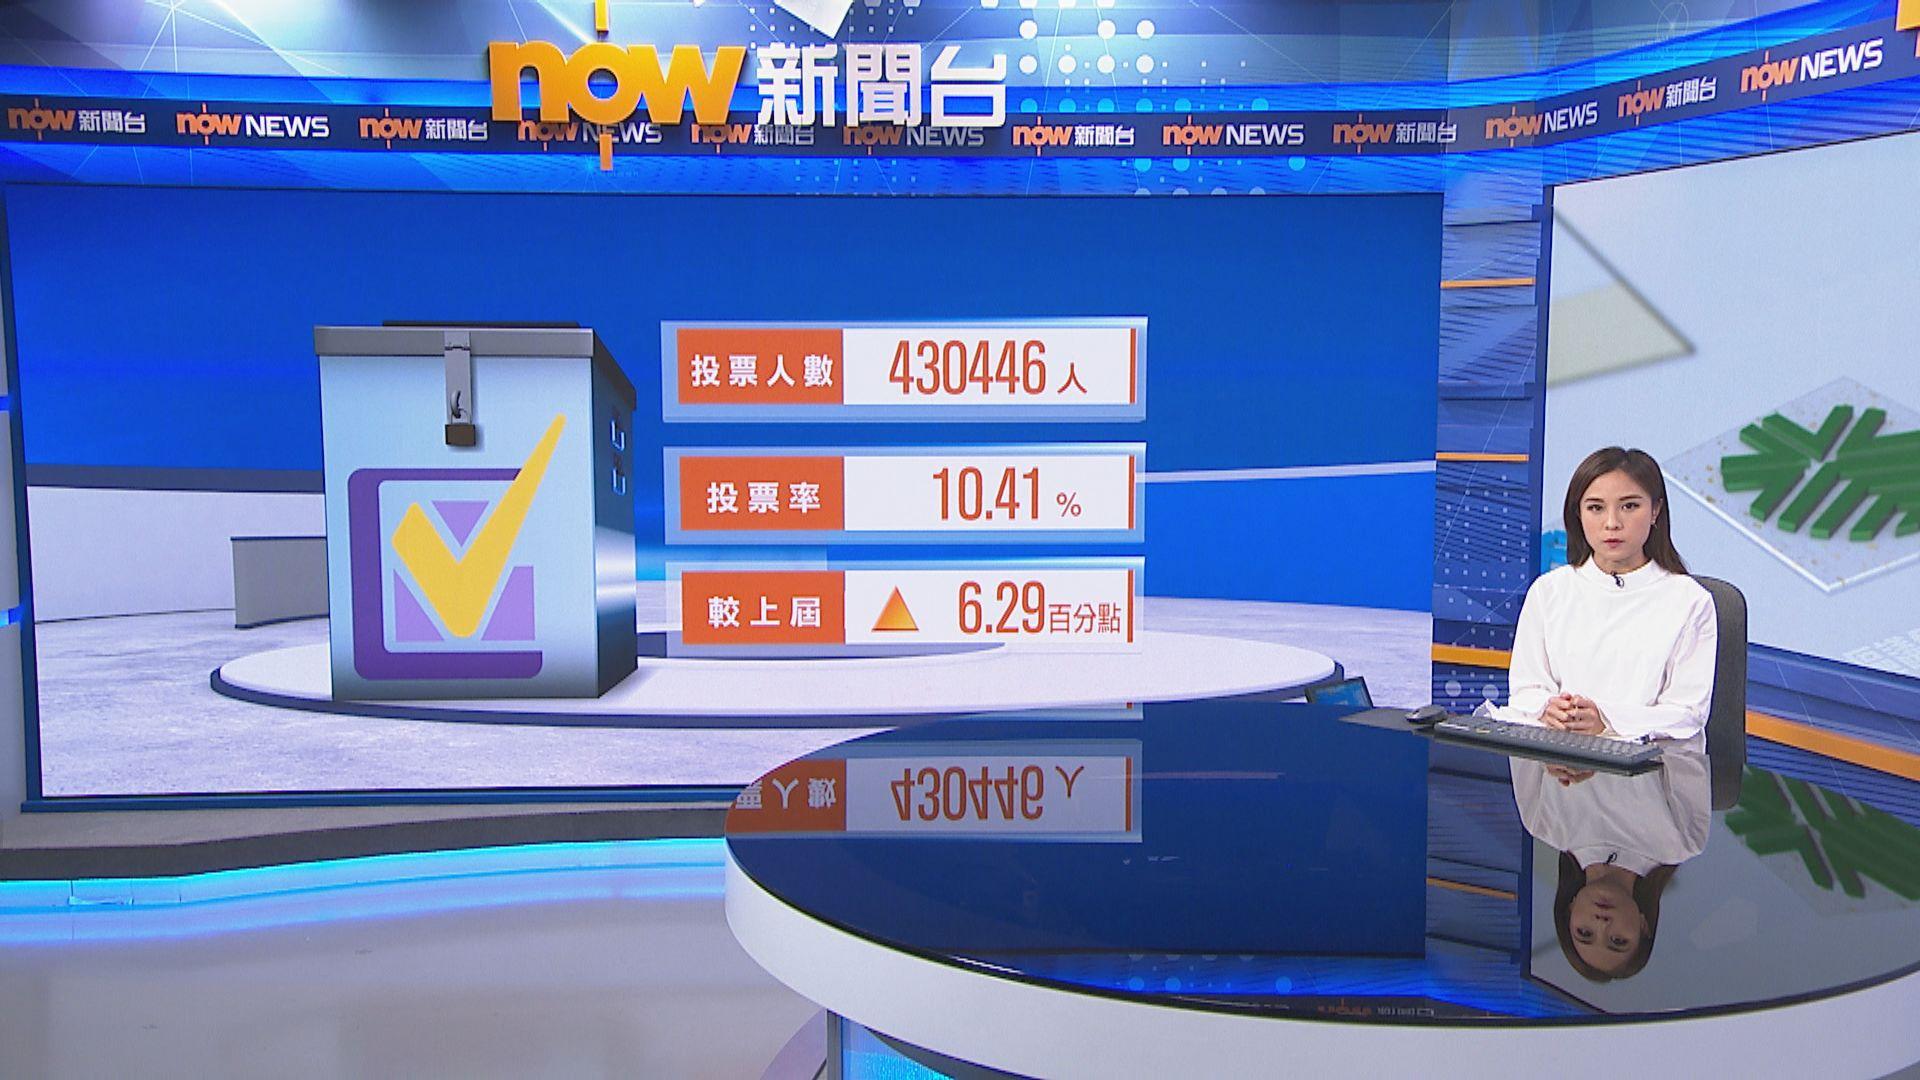 【截至0930】投票率為10.41% 約43萬人投票